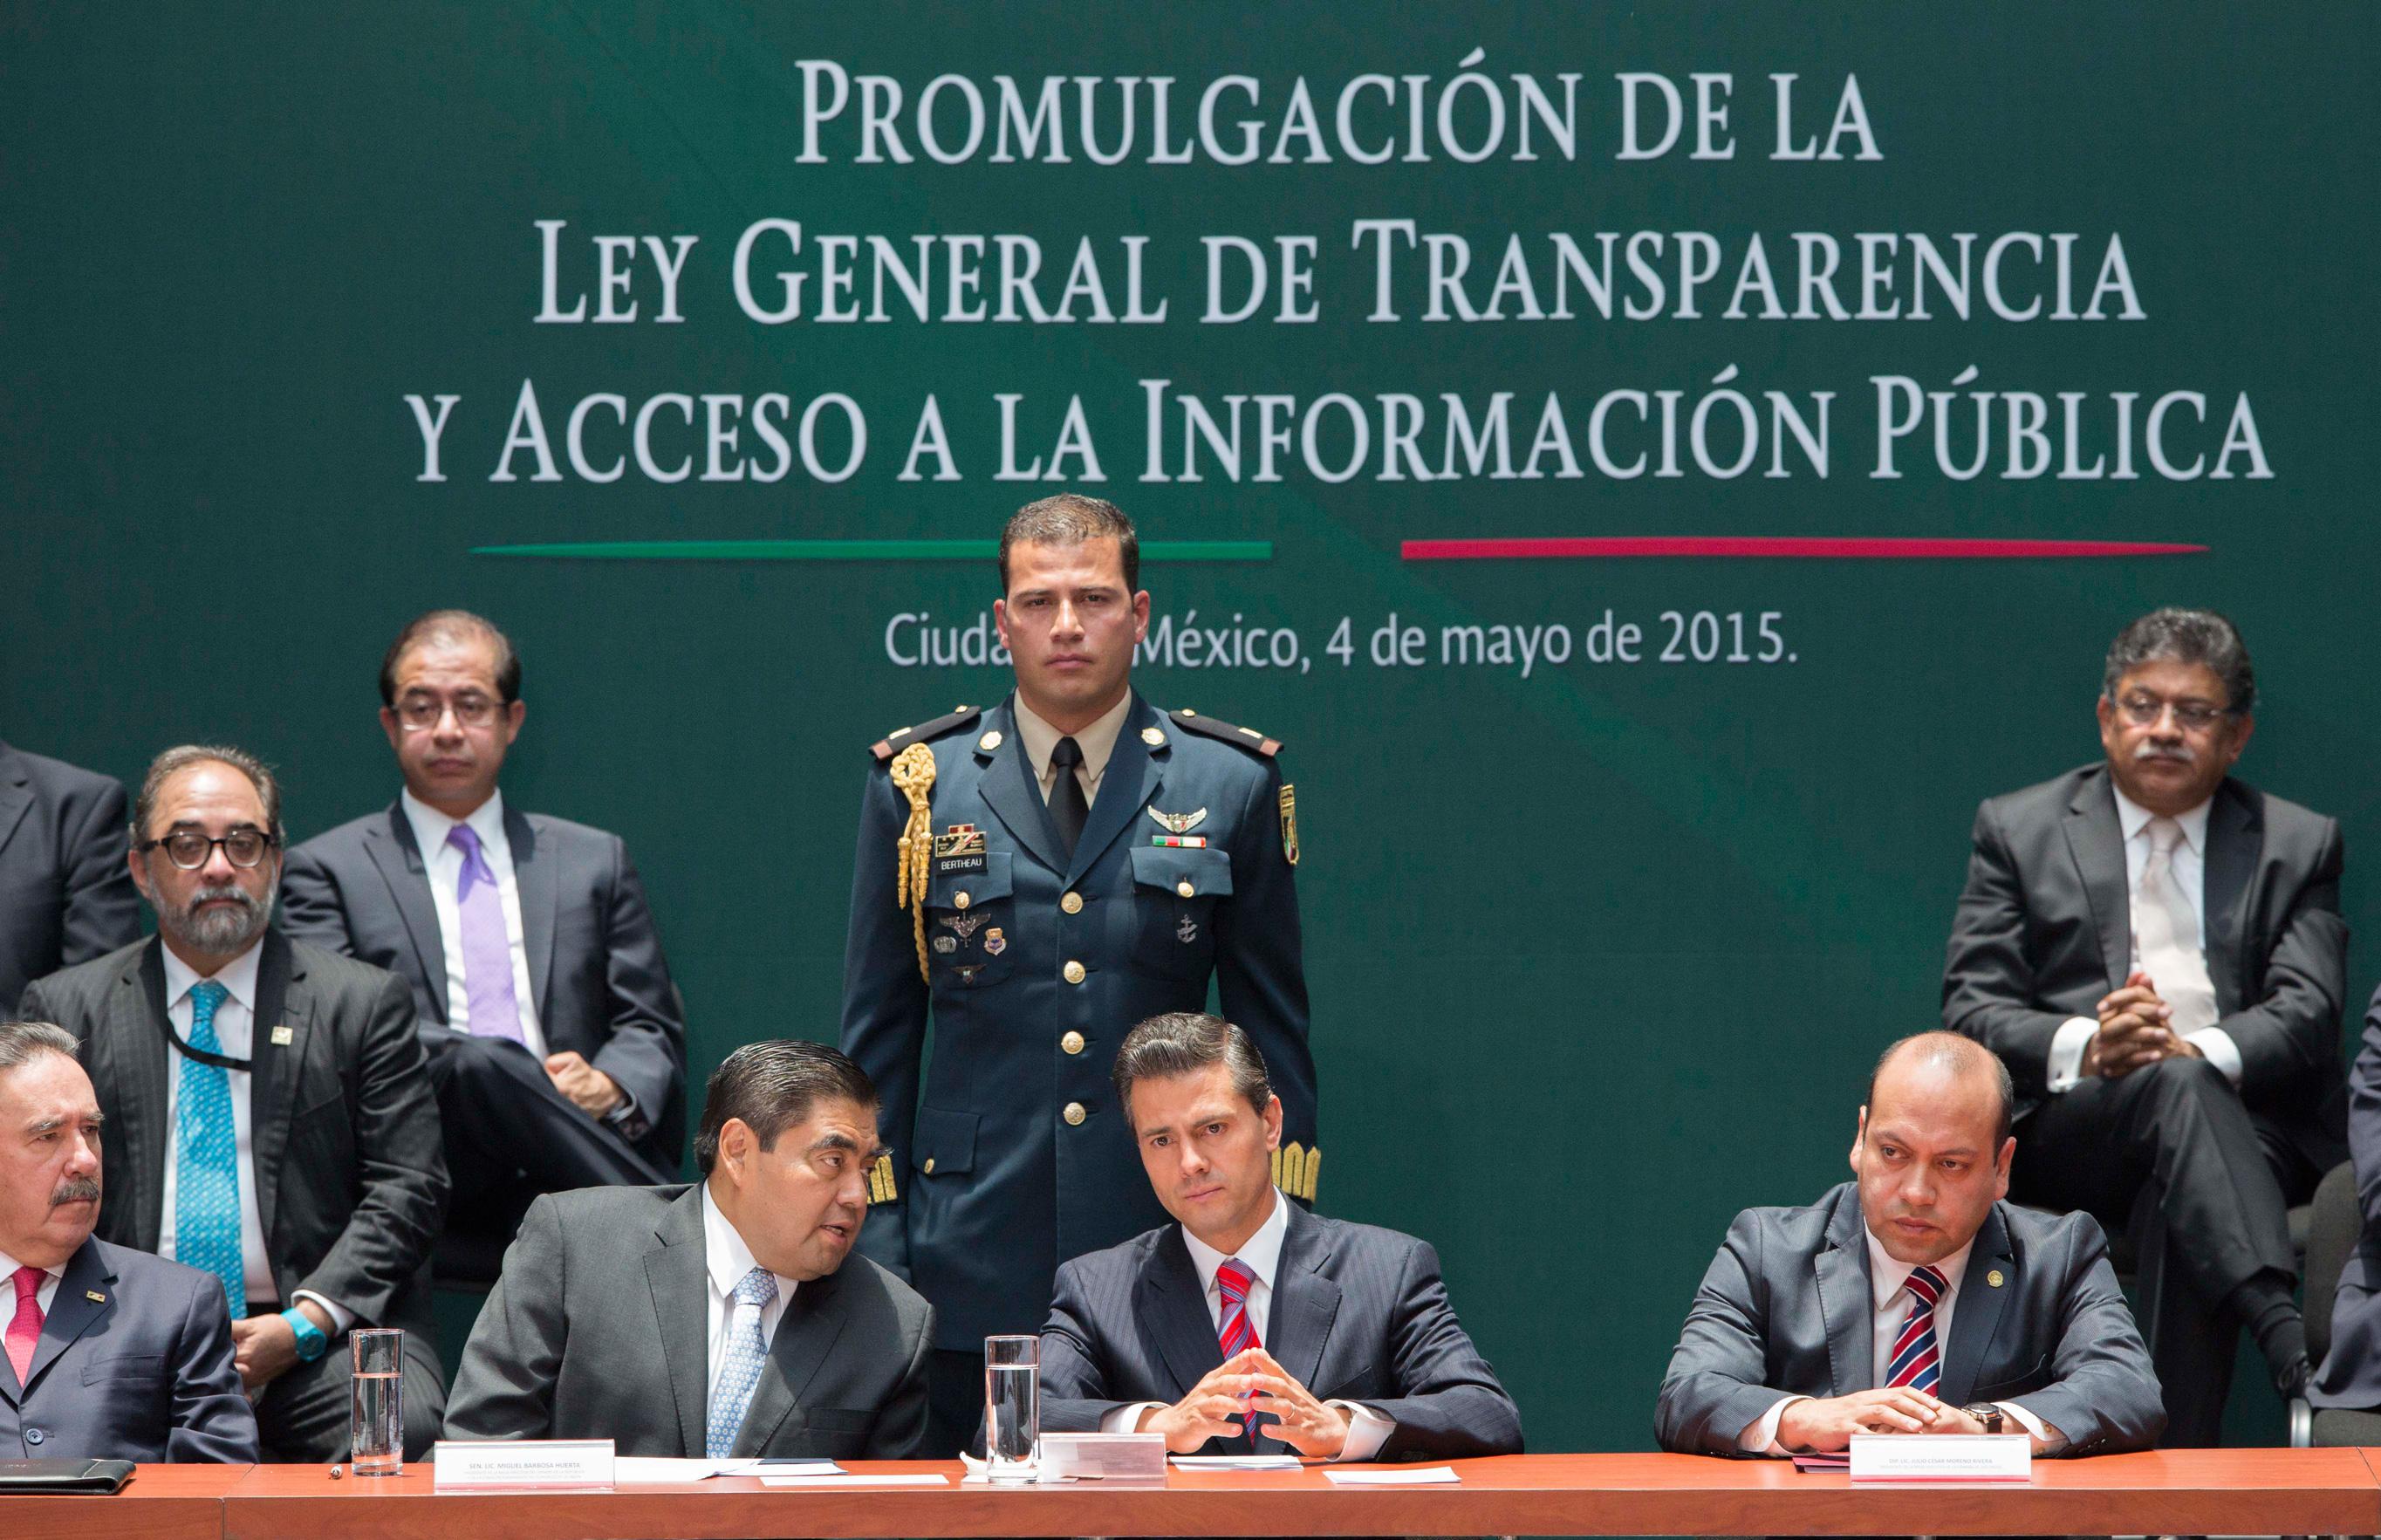 Promulgaci n de la ley general de transparencia y acceso a for Oficina de transparencia y acceso ala informacion